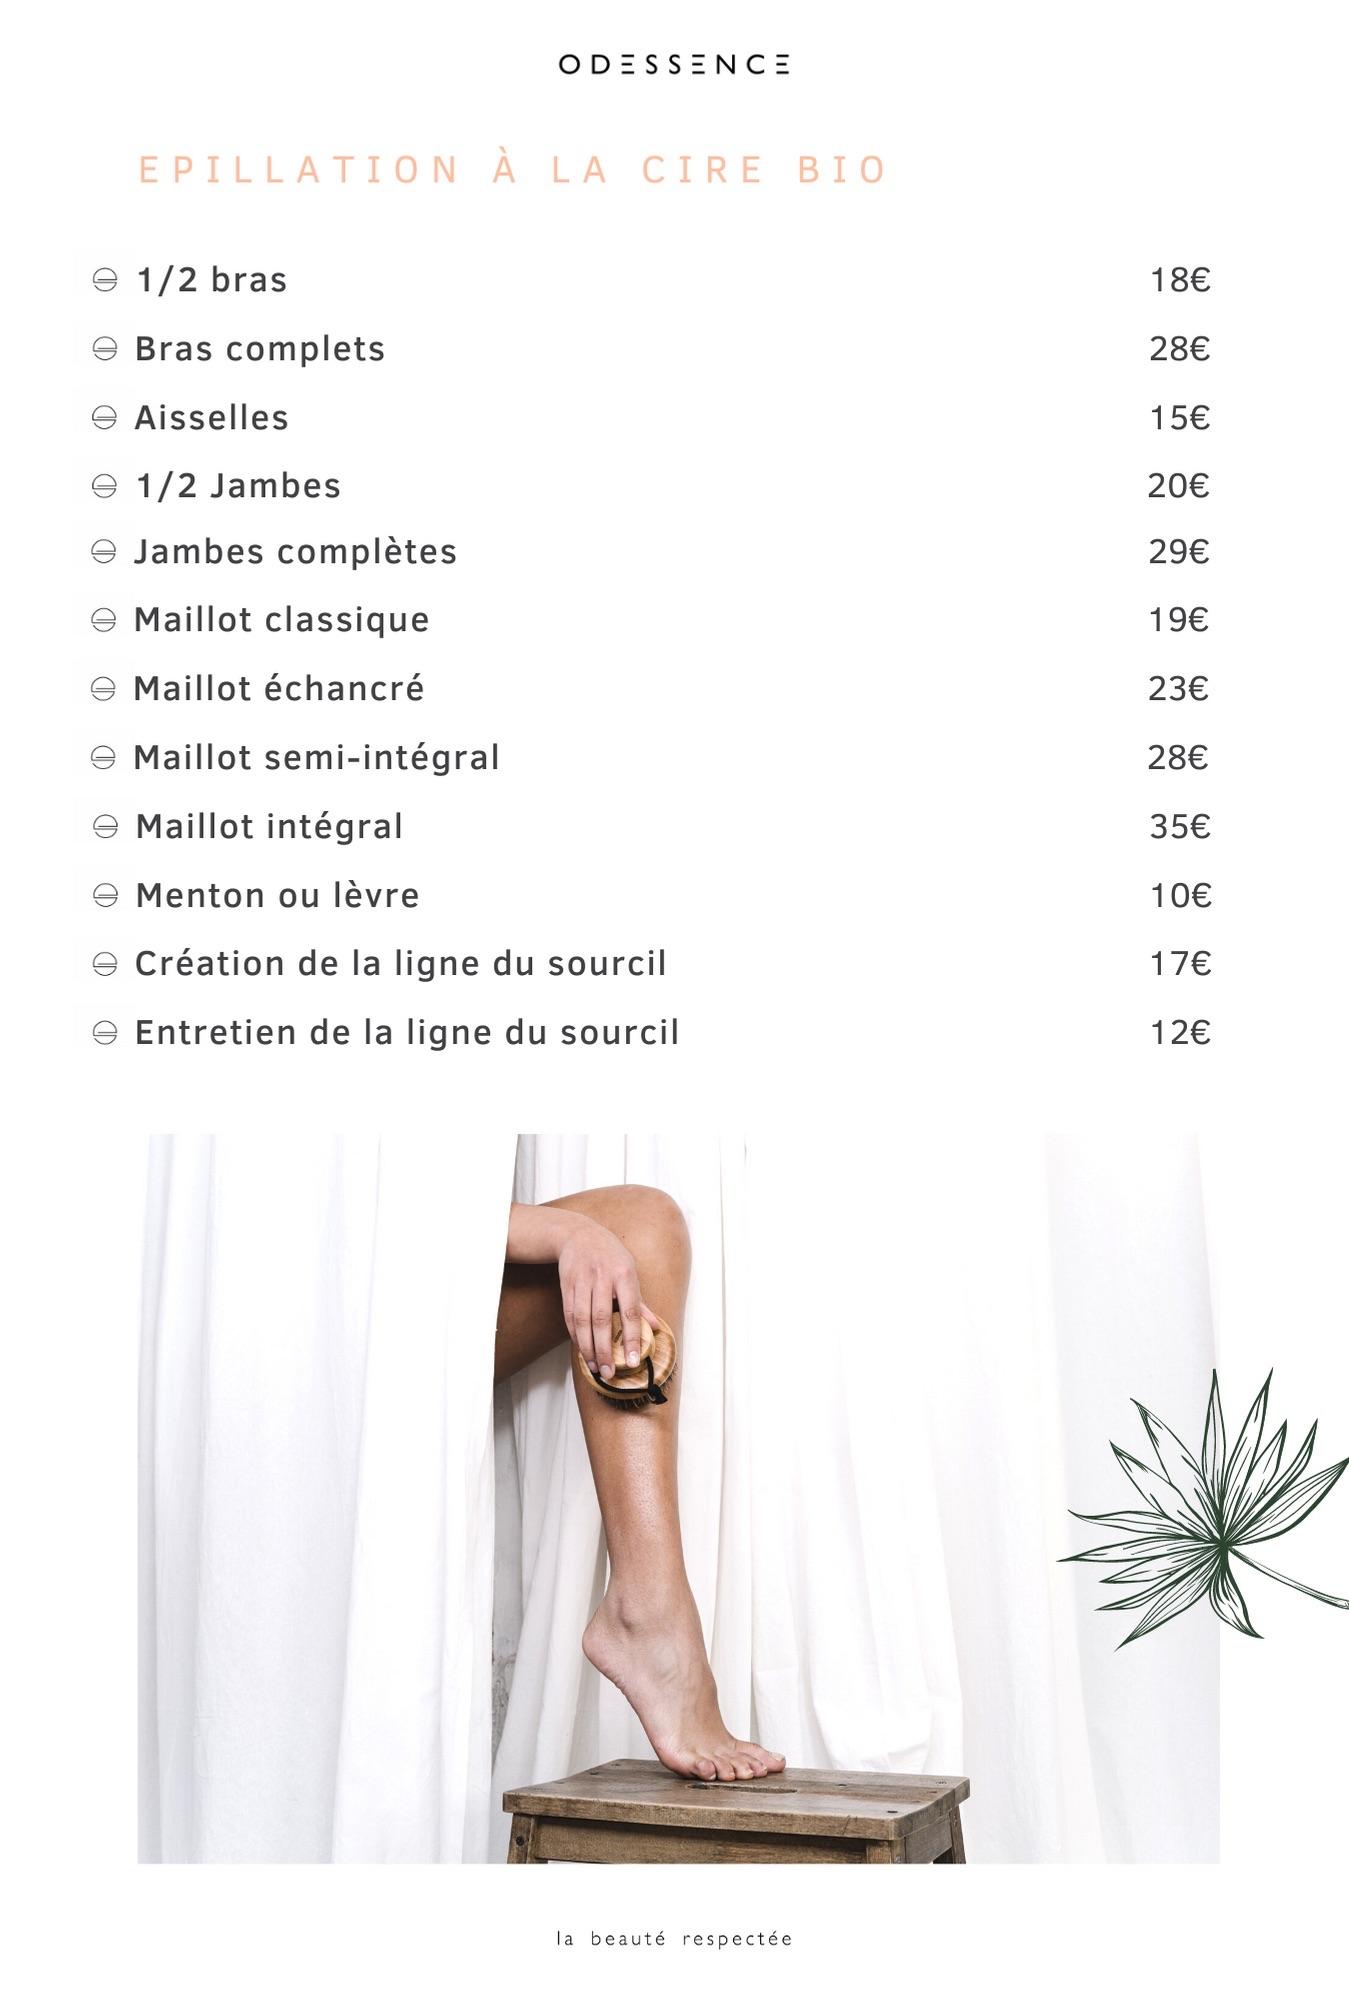 Carte des soins - épilations - Odessence - Beauté naturelle & bio à Bordeaux